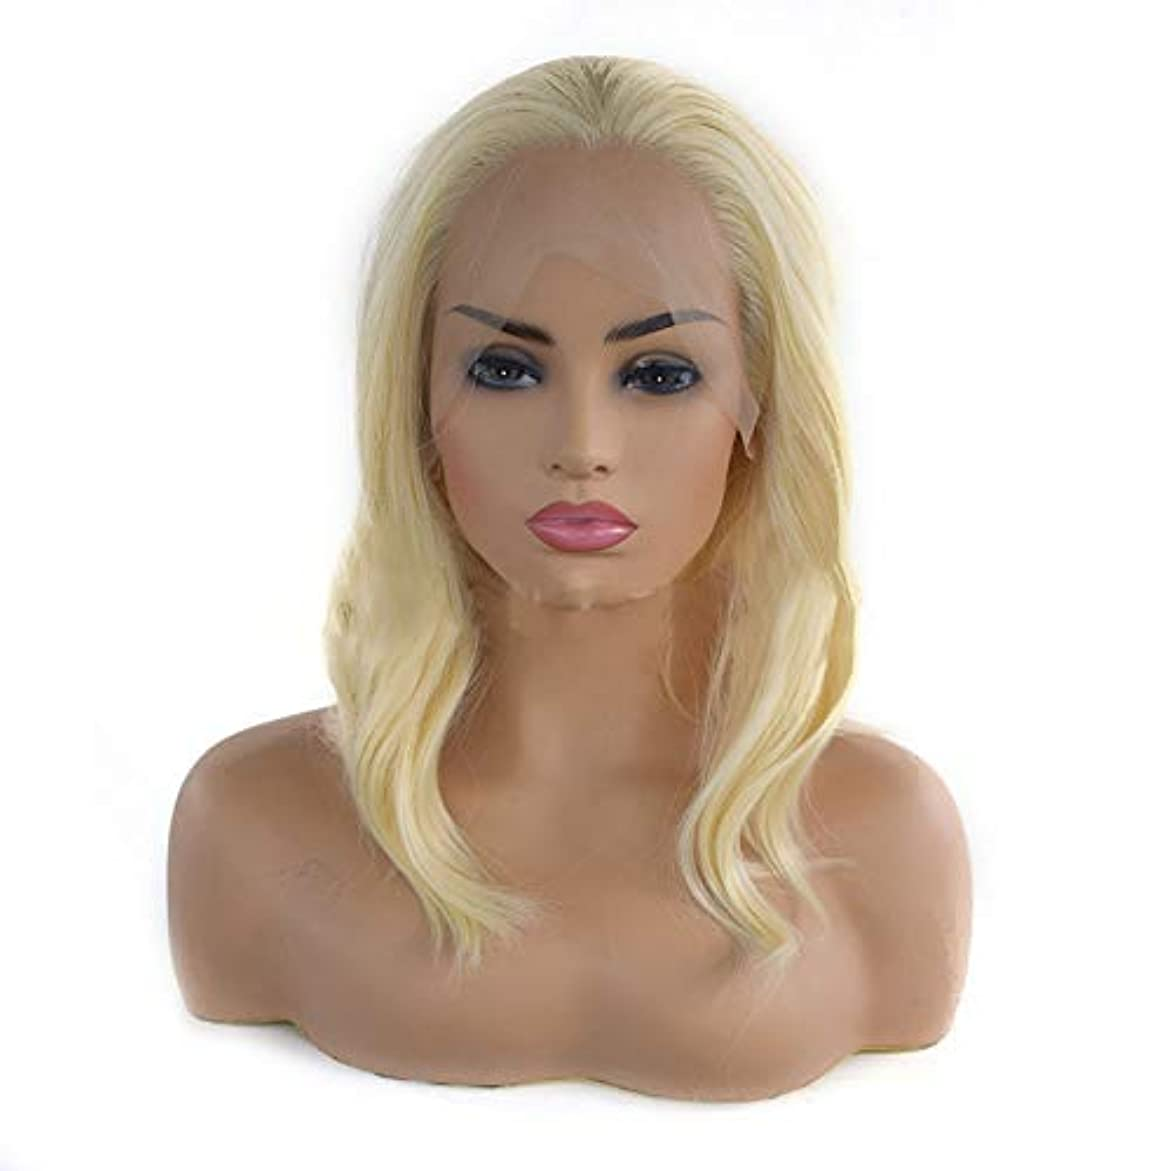 ポルティコ顧問吐き出すYOUQIU ショートカーリーウィッグ魅力的な女性のボブのある女性コスプレパーティー毎日使用するためウィッグキャップ(ブロンド)ウィッグ (色 : Blonde)